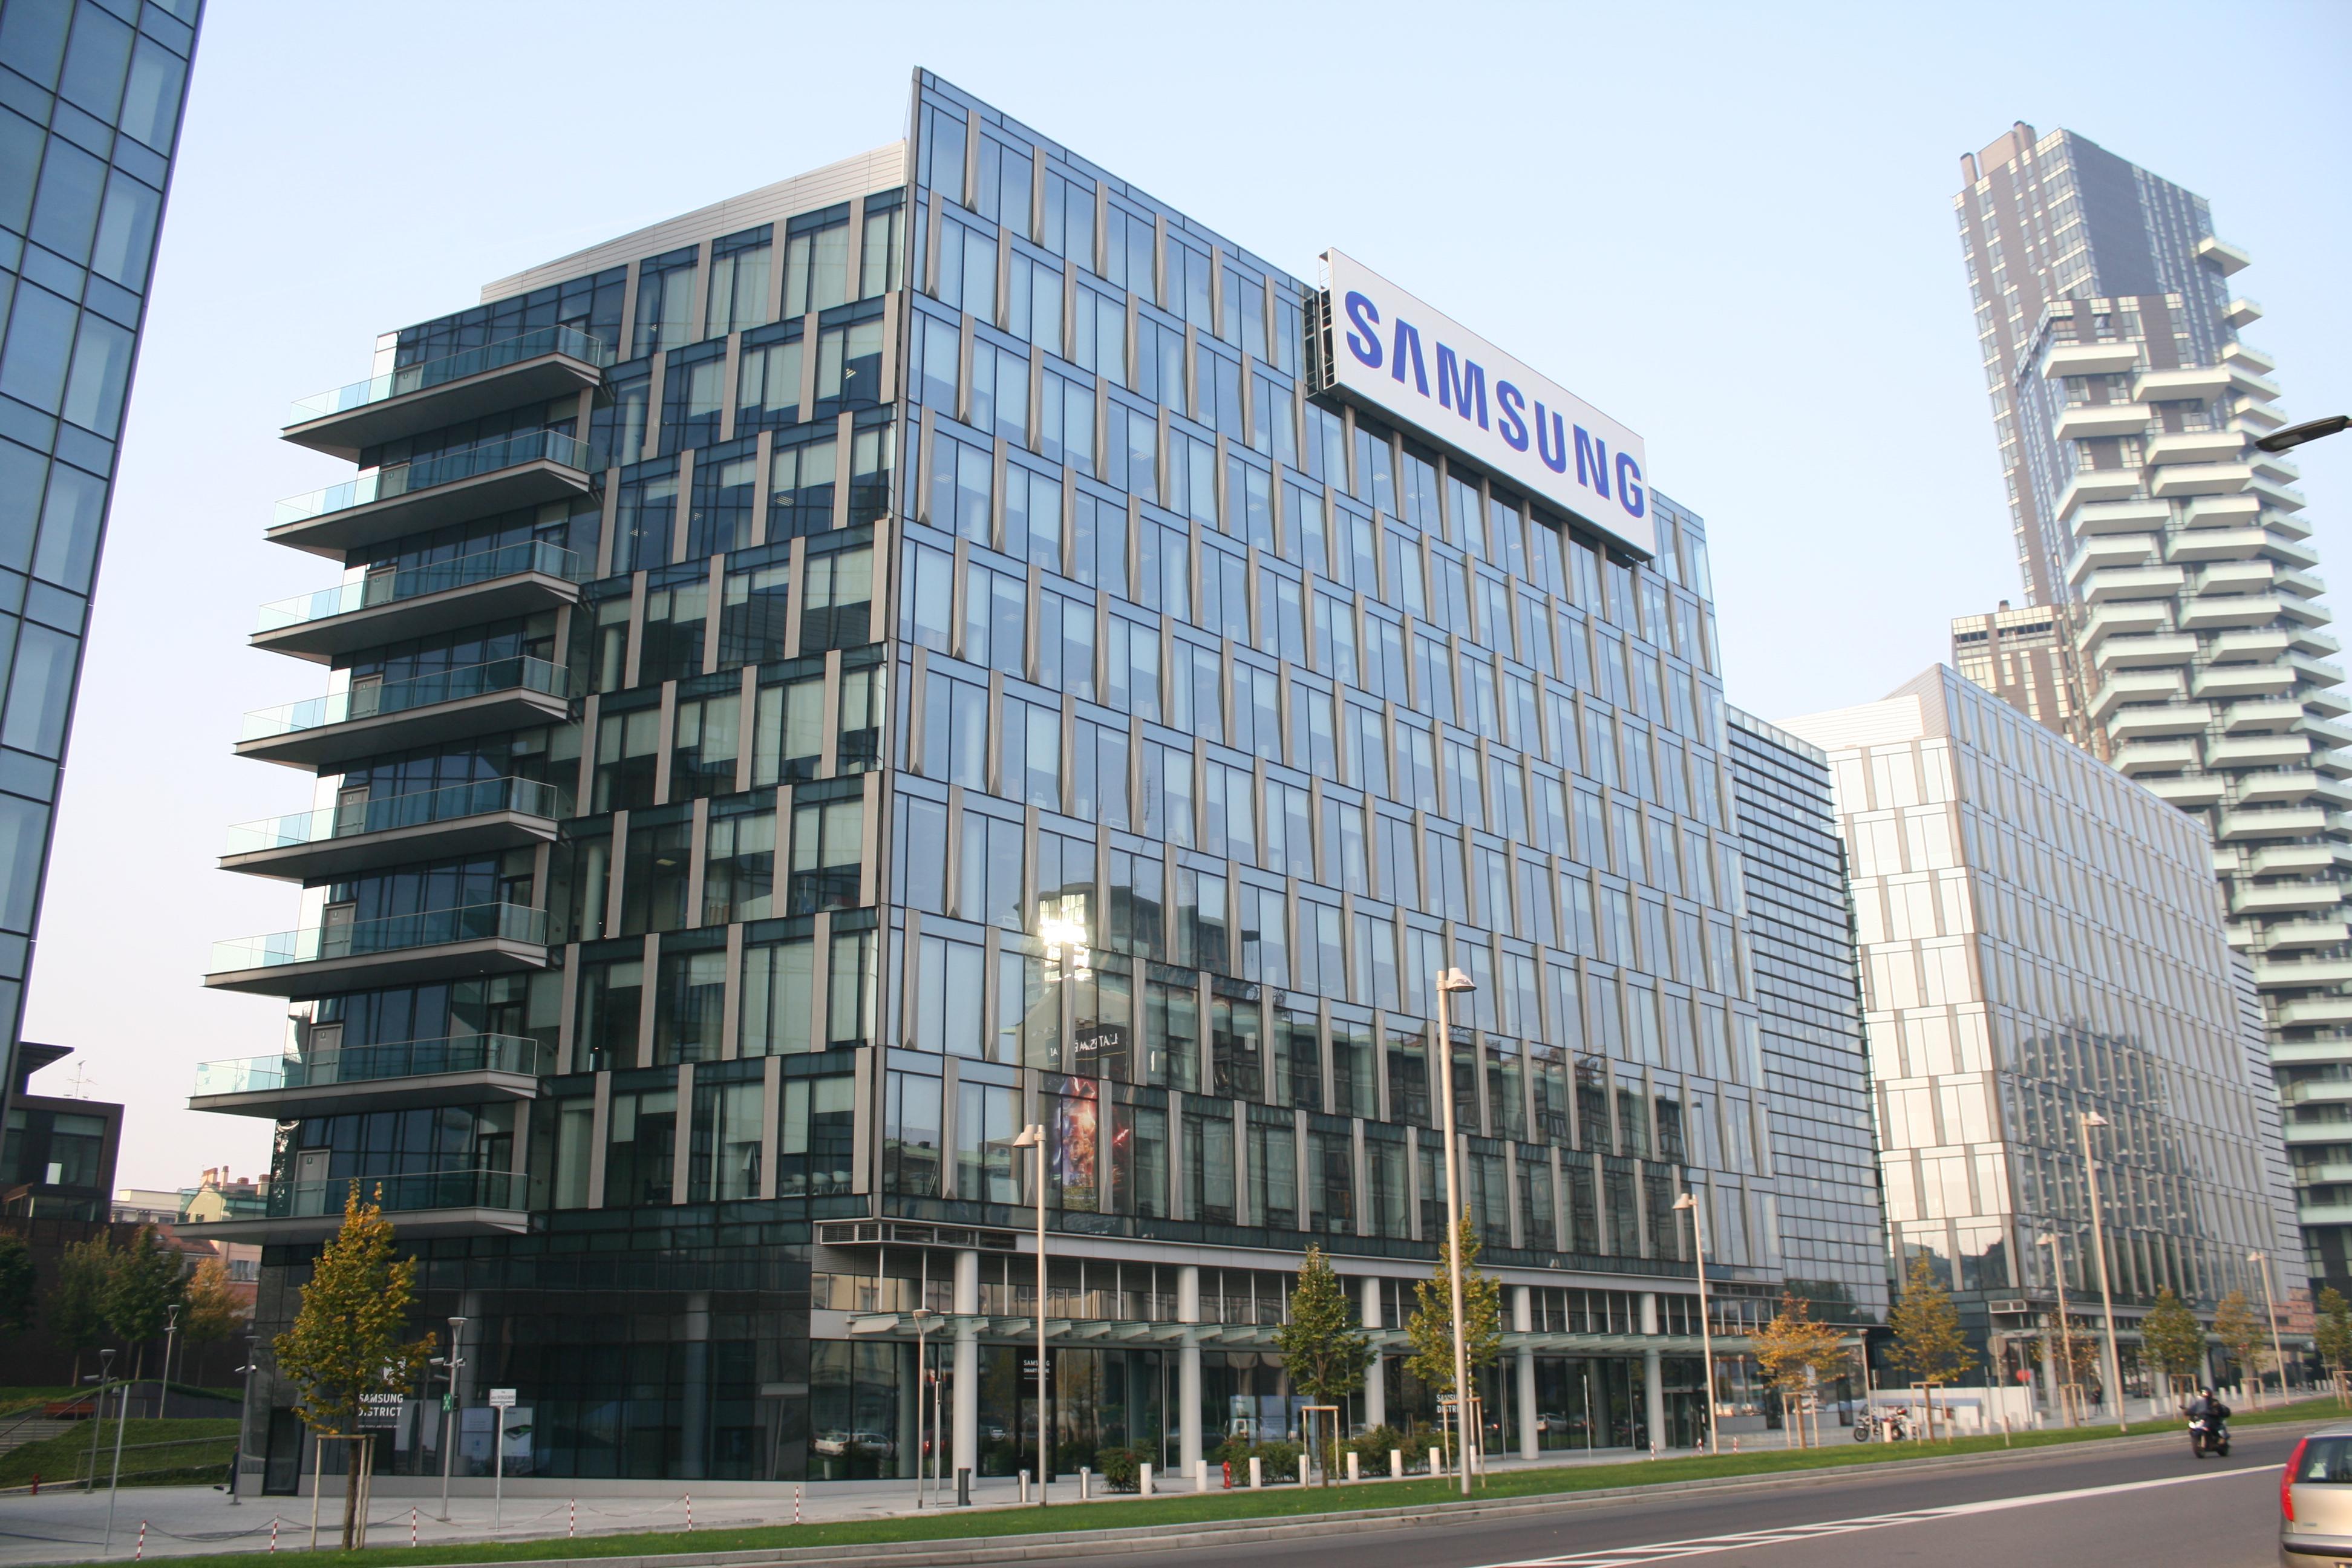 Tecnologie all avanguardia massima flessibilit e rapidit nella realizzazione distinguono gli impianti realizzati al Samsung District la nuova sede del